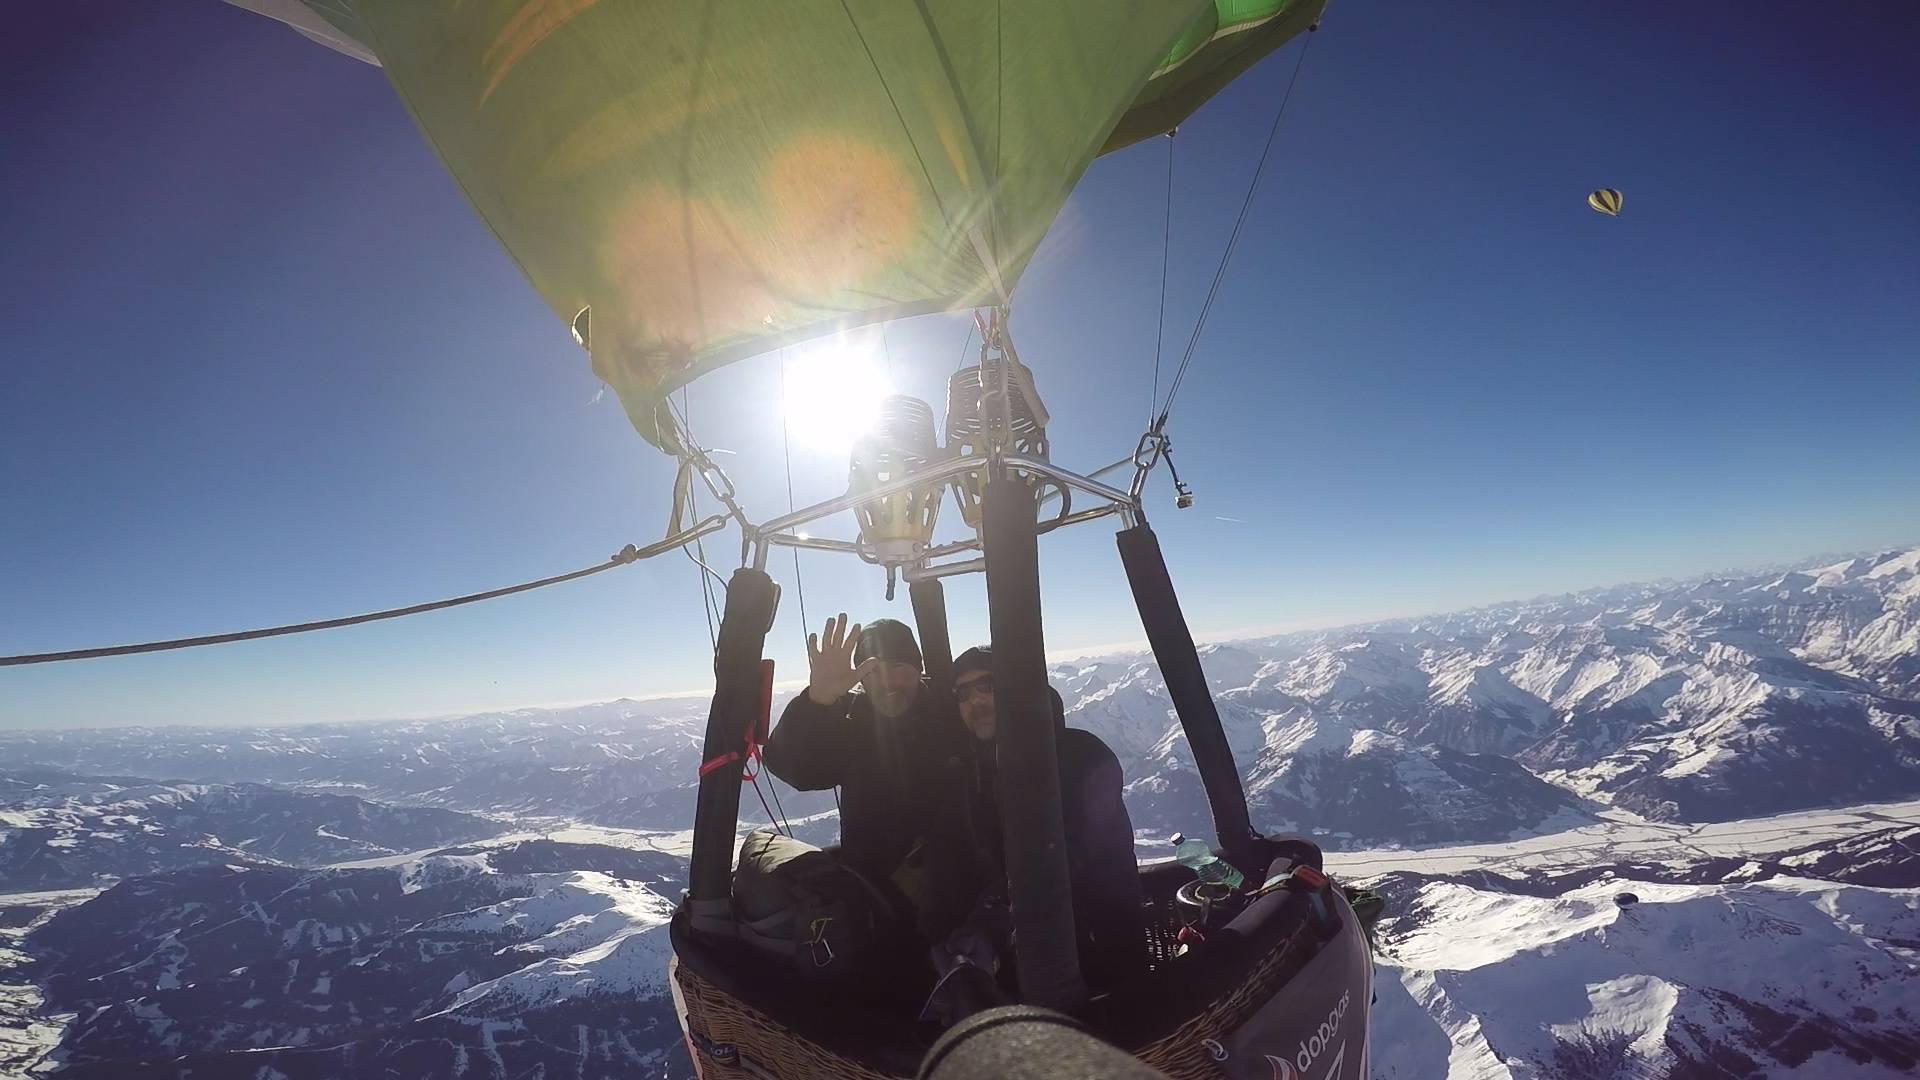 vuelos en globo de travesía